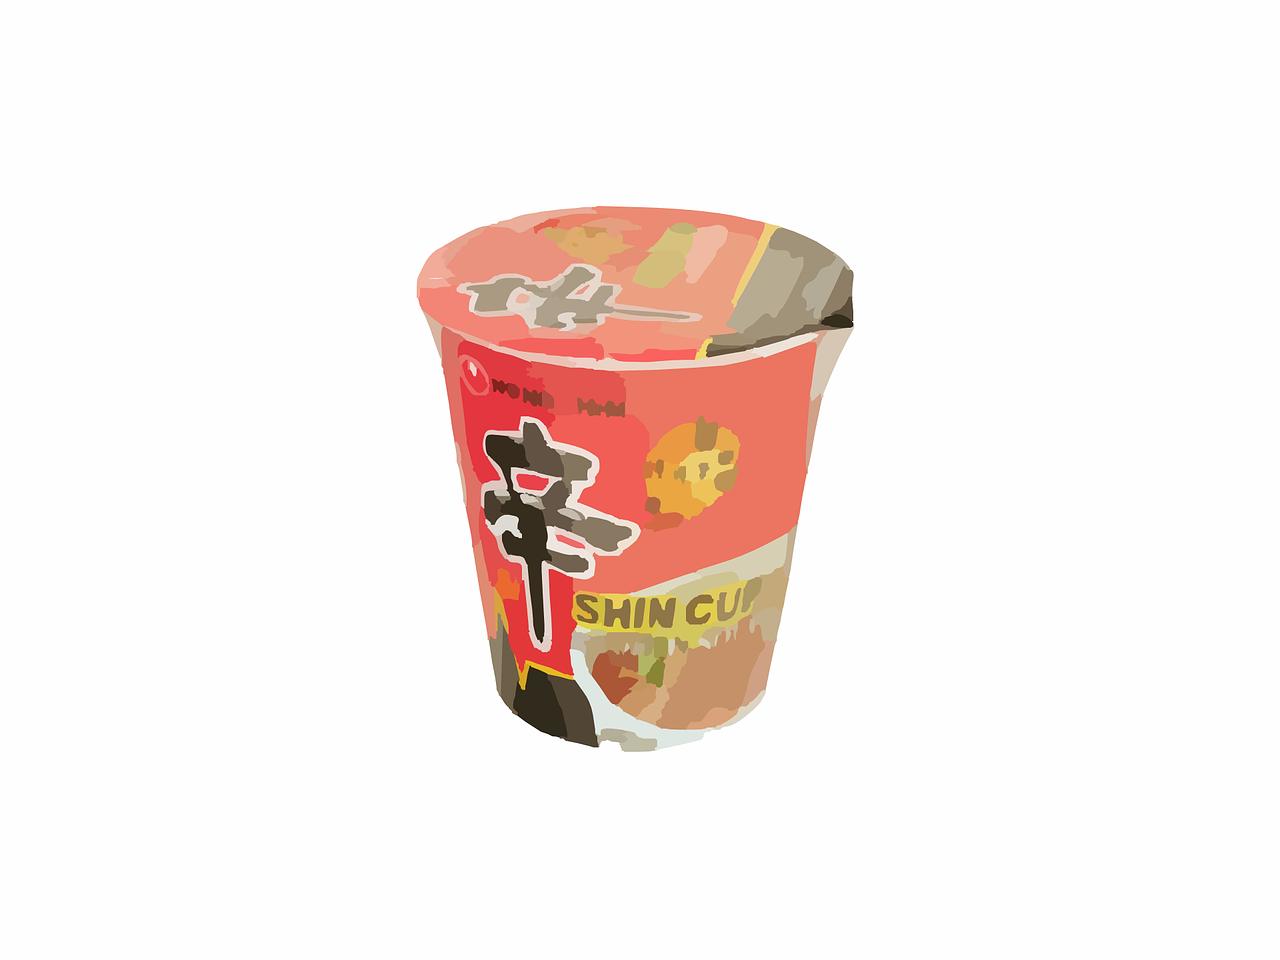 也就是說,台灣人最喜歡的外國泡麵是「辛拉麵」!